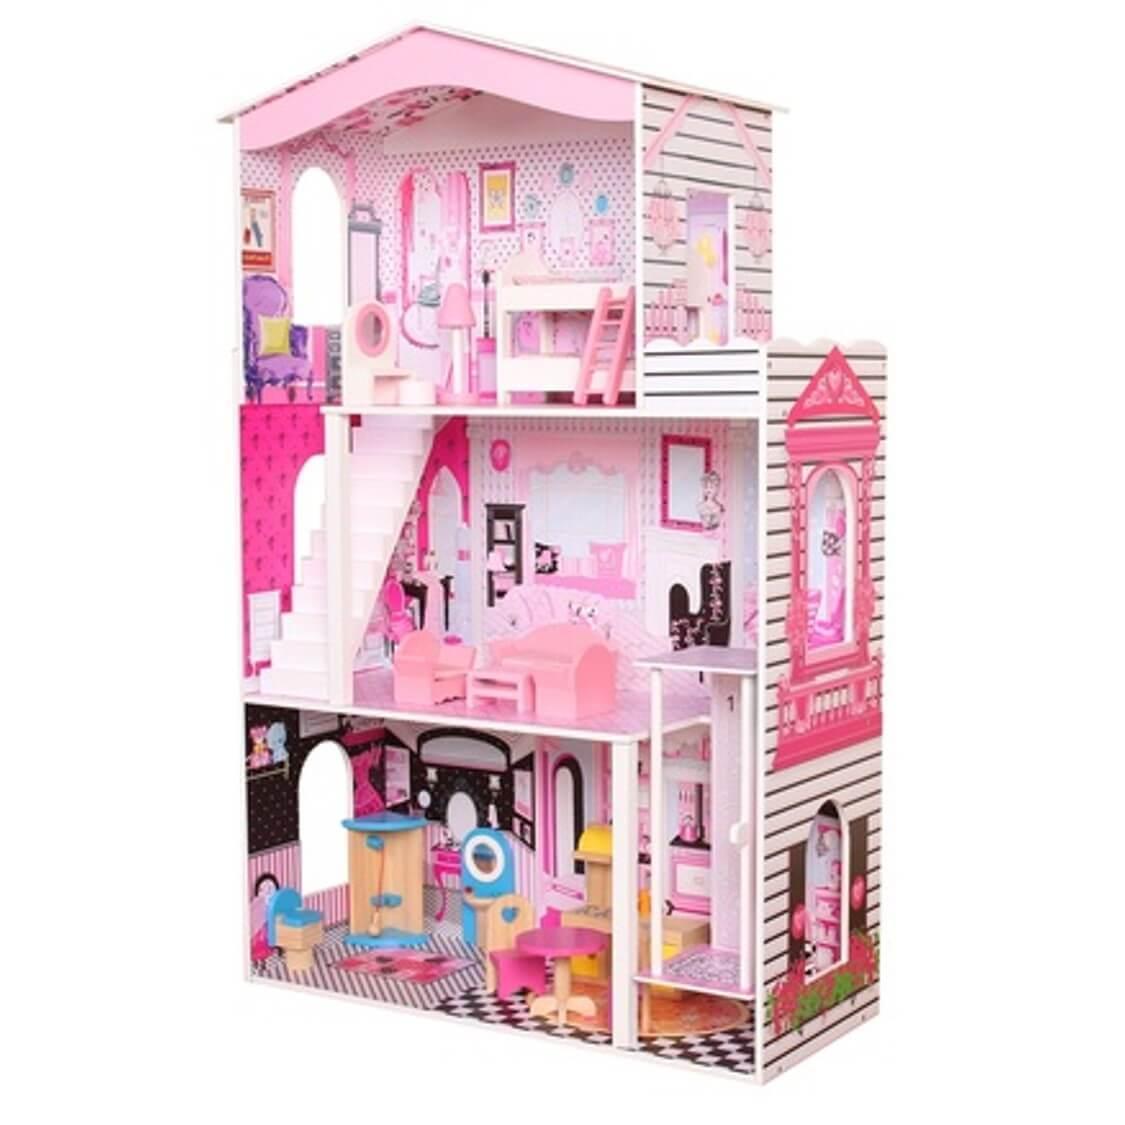 בית בובות מעץ לילדים כולל מעלית וריהוט מעץ